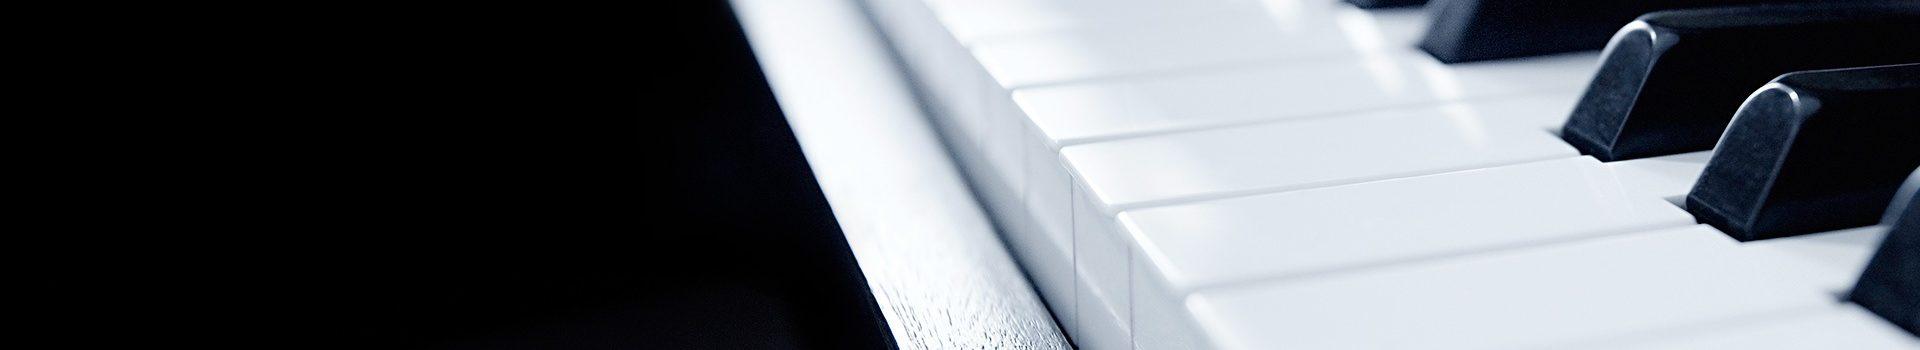 piano-1835179